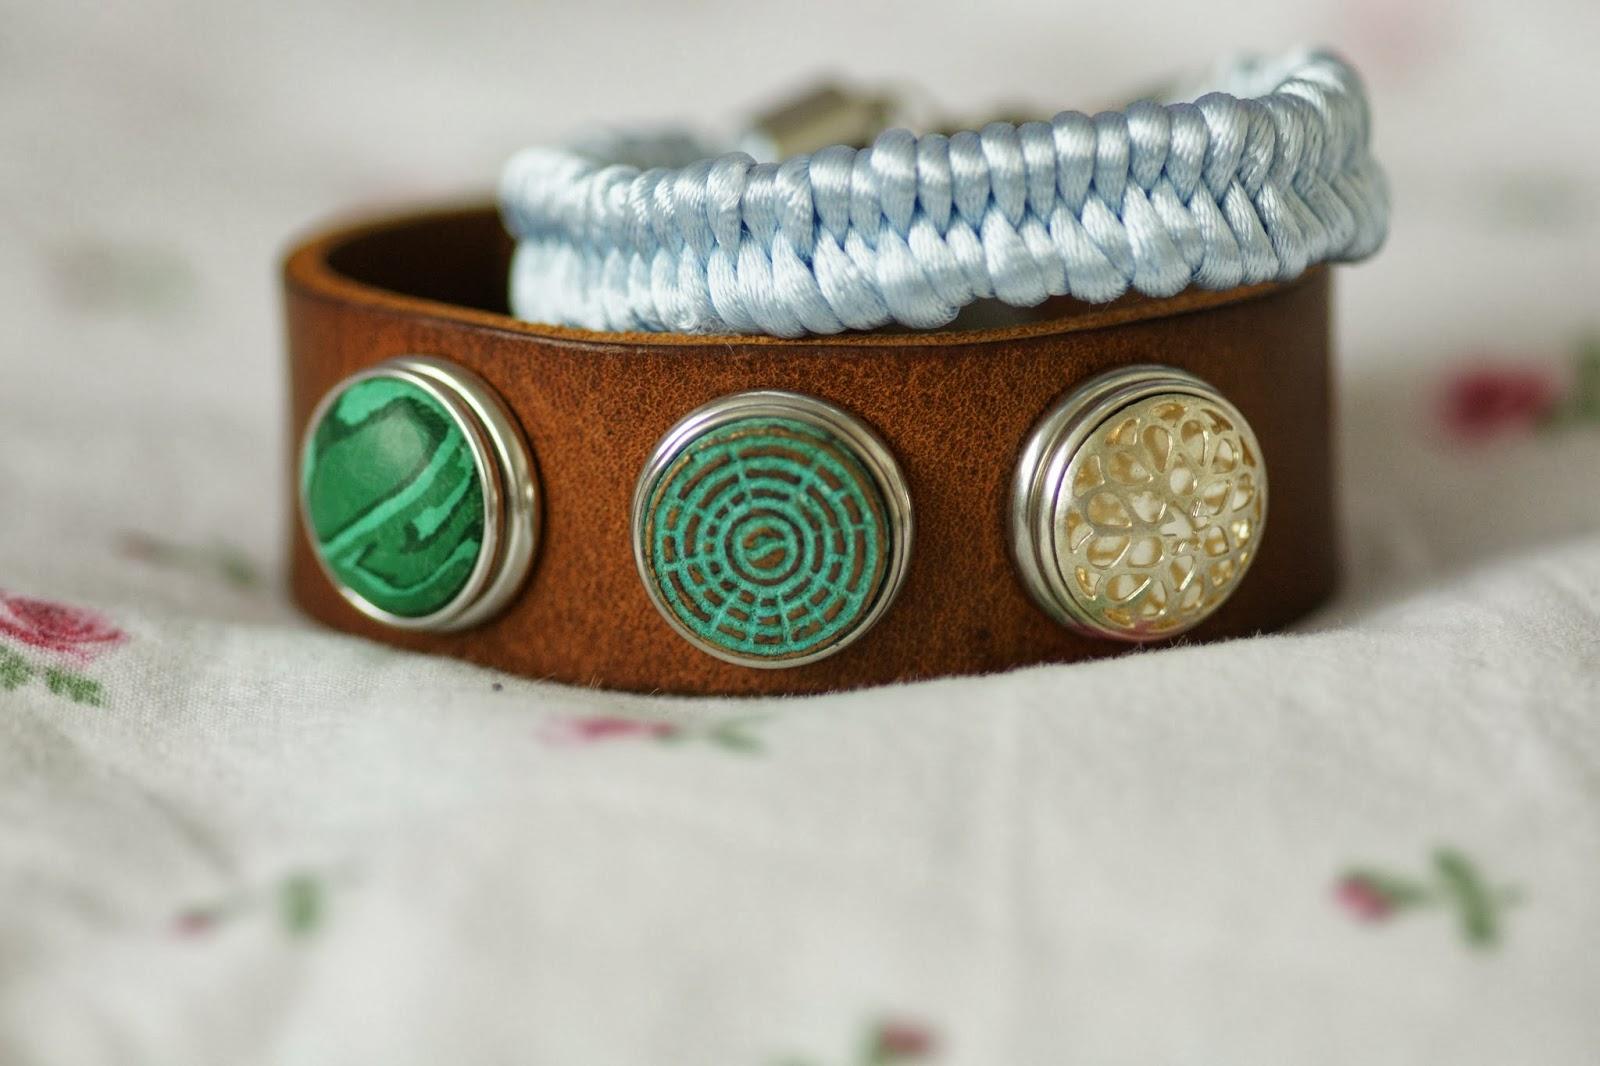 armbanden, armband aanbieding